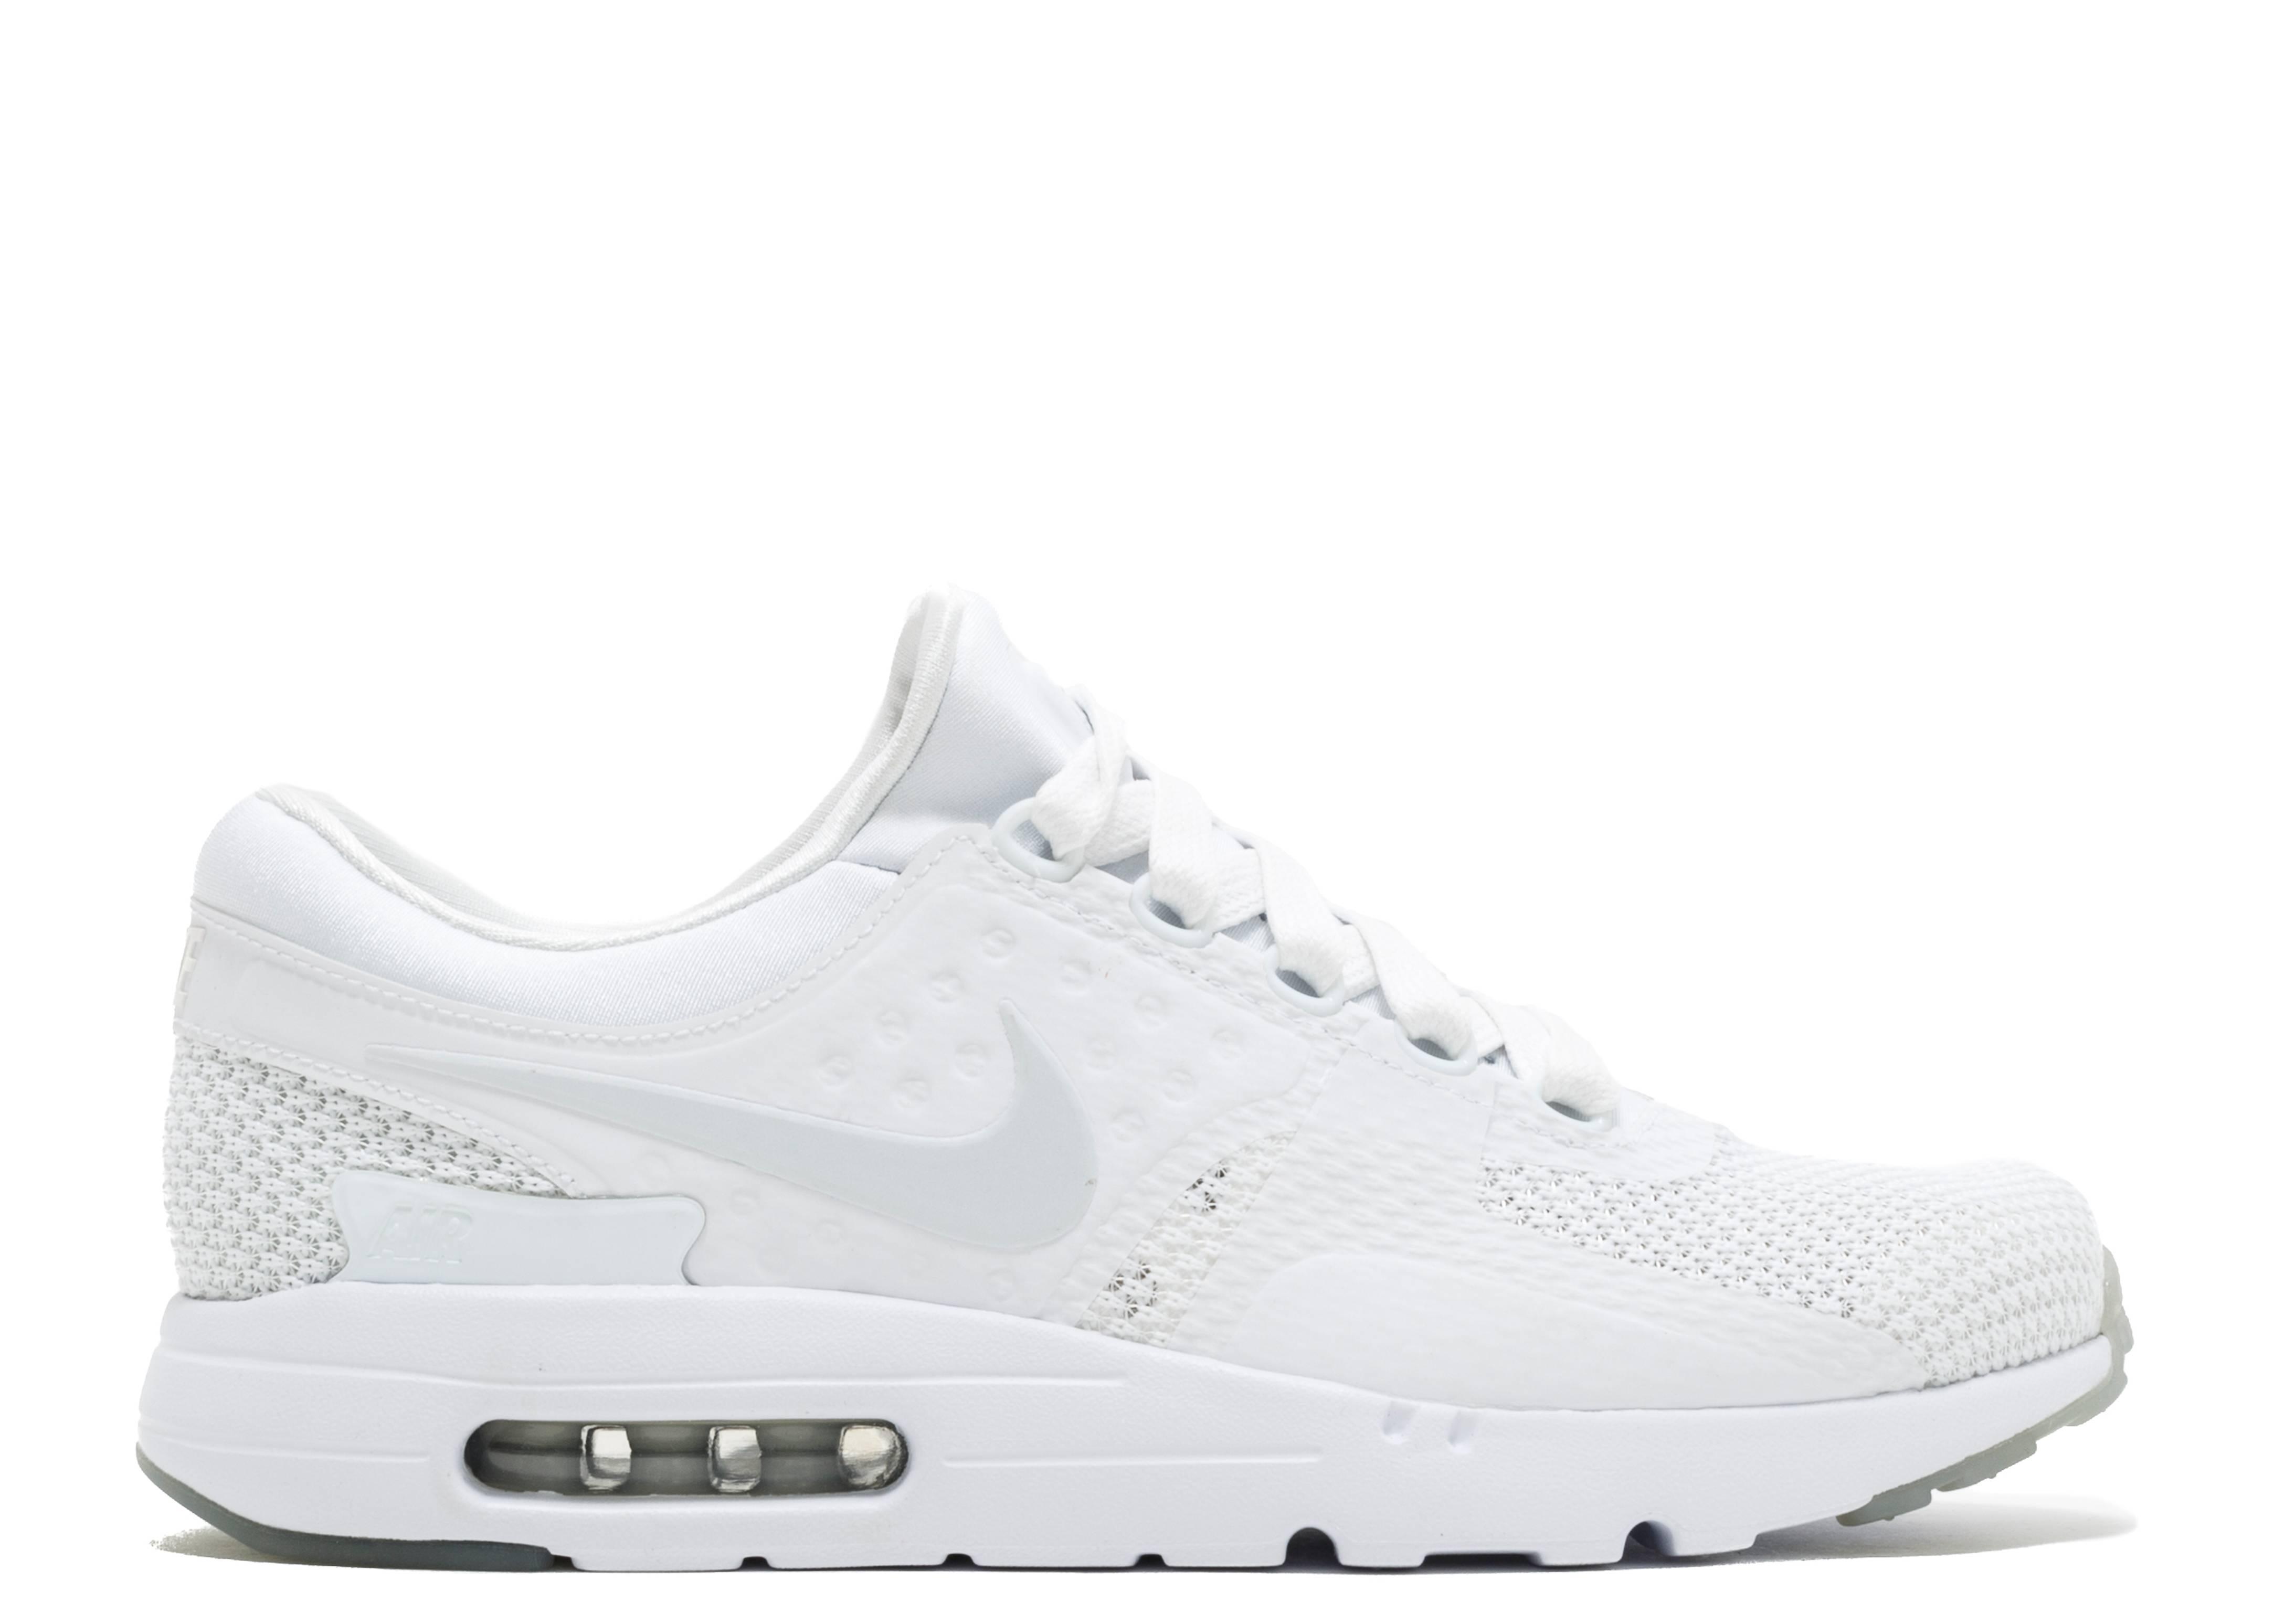 Air Max Zero Qs - Nike - 789695 102 - whitepure platinum-pr